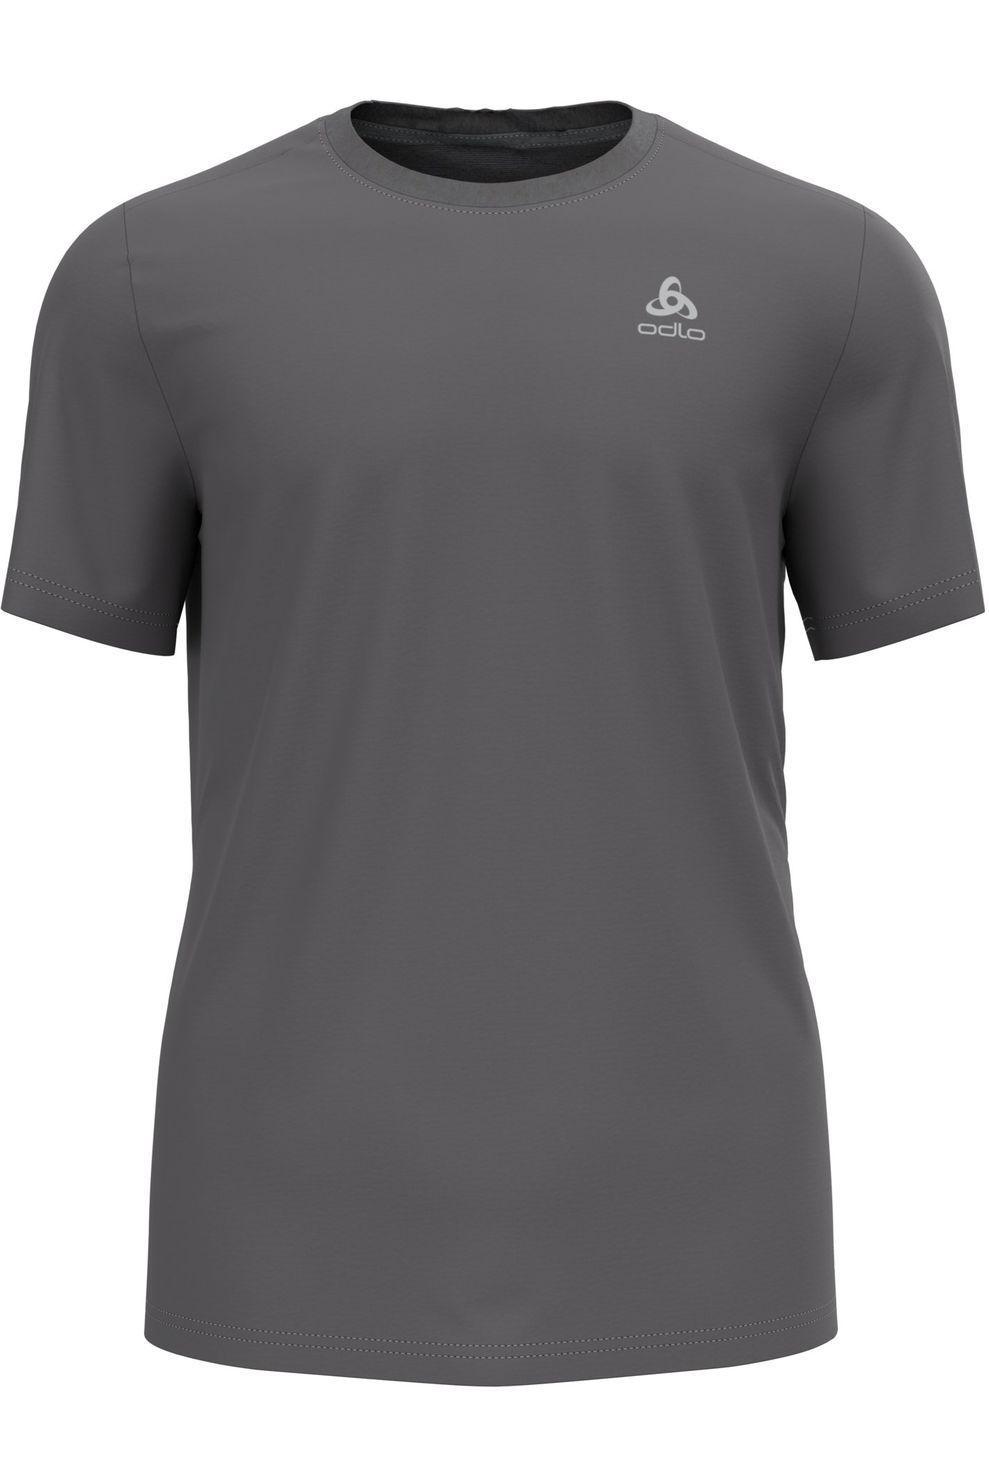 Odlo T-Shirt Neck F-Dry voor heren - Grijs - Maten: S, M, L